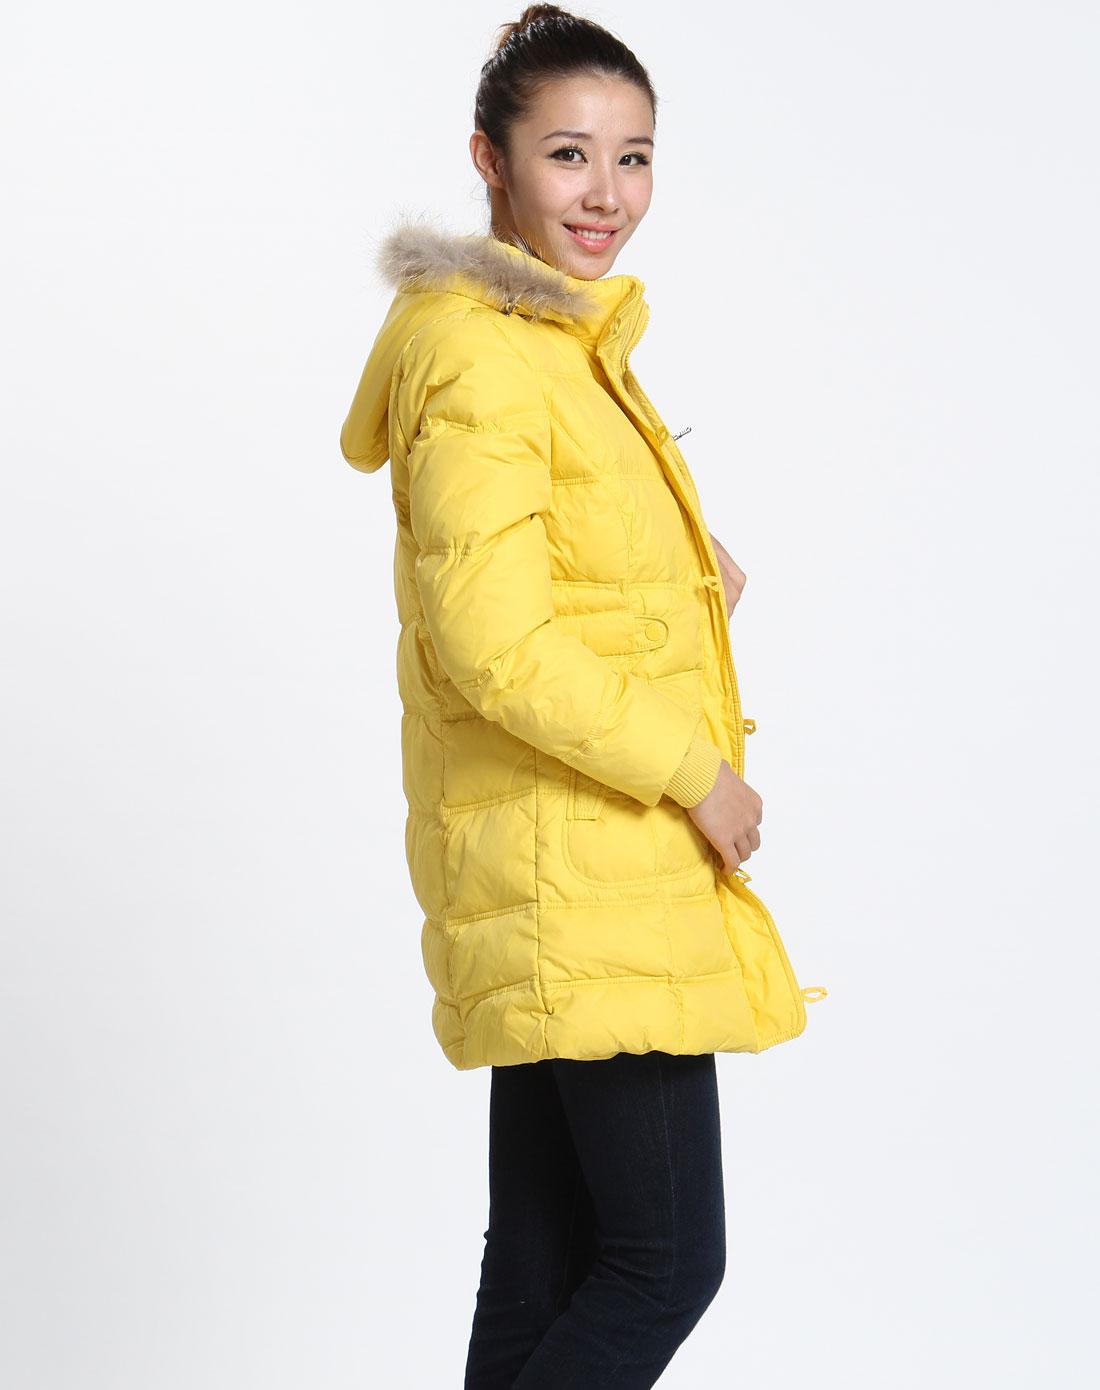 男女装混合库存专场-森马 女款黄色连帽长袖长款羽绒服图片